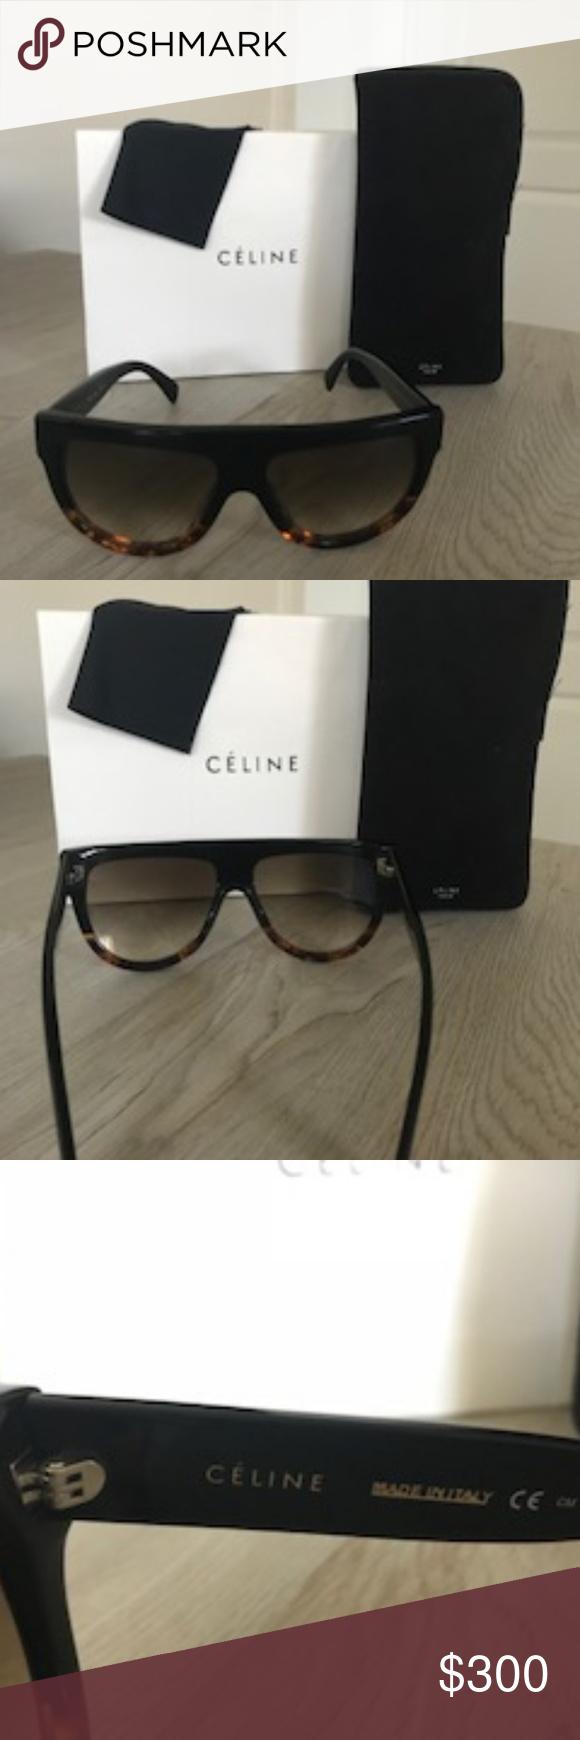 64186a7fa3d Celine Shadow Cl 41026 S Flat Top Sunglasses Celine Style  Fashion Color   Black Havana Tortoise Lens  Brown Gradient Lens Gender  Women Size  58-16-150 ...